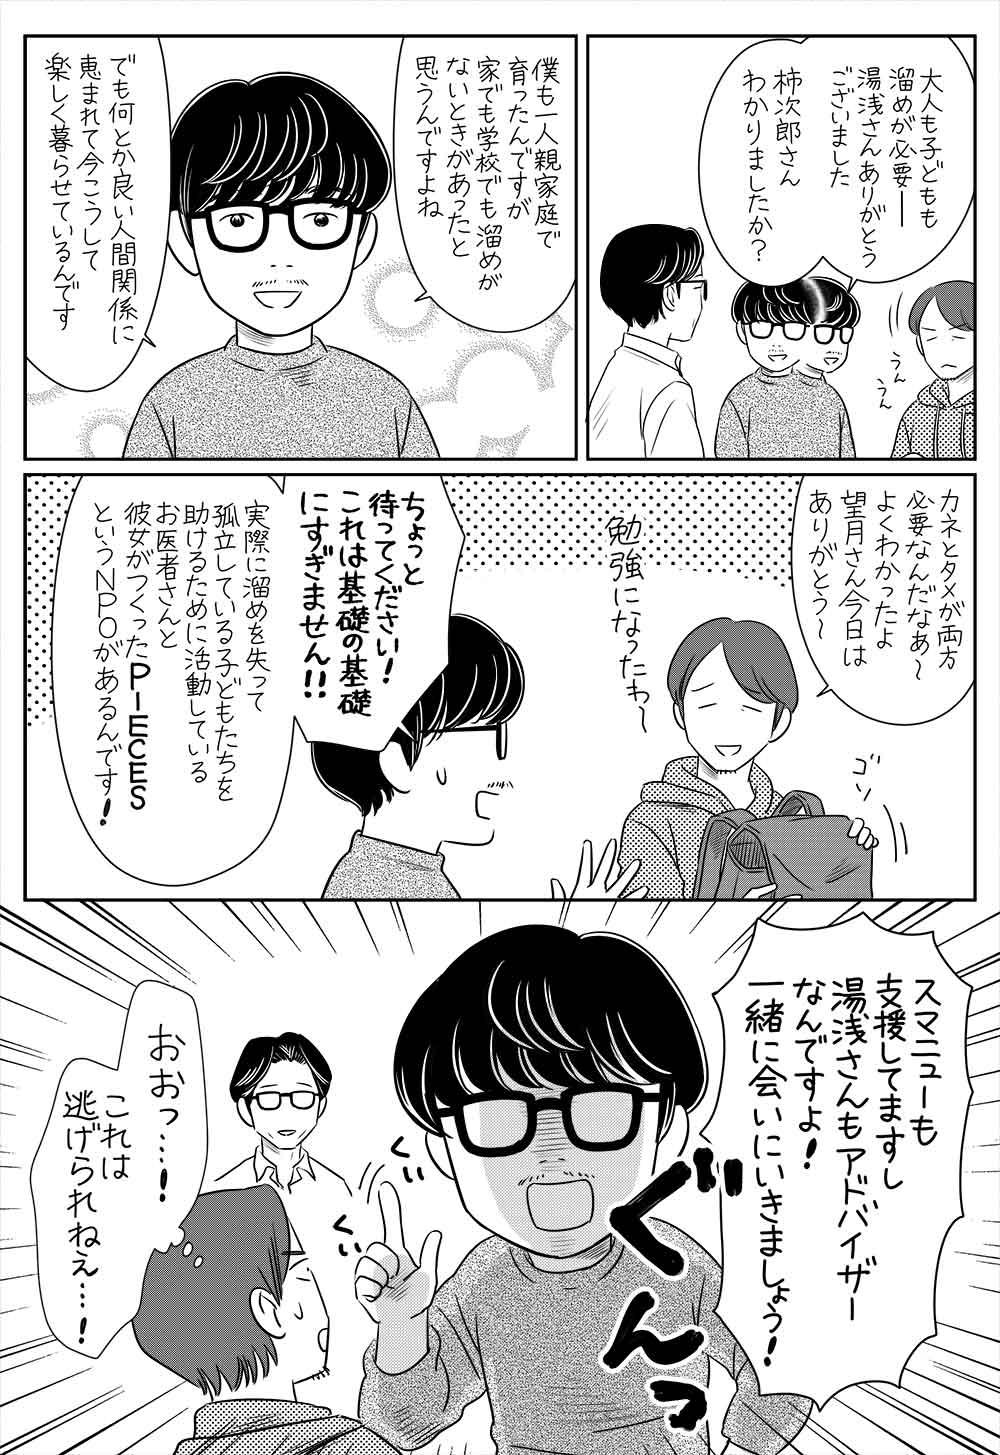 f:id:kakijiro:20170416171035j:plain